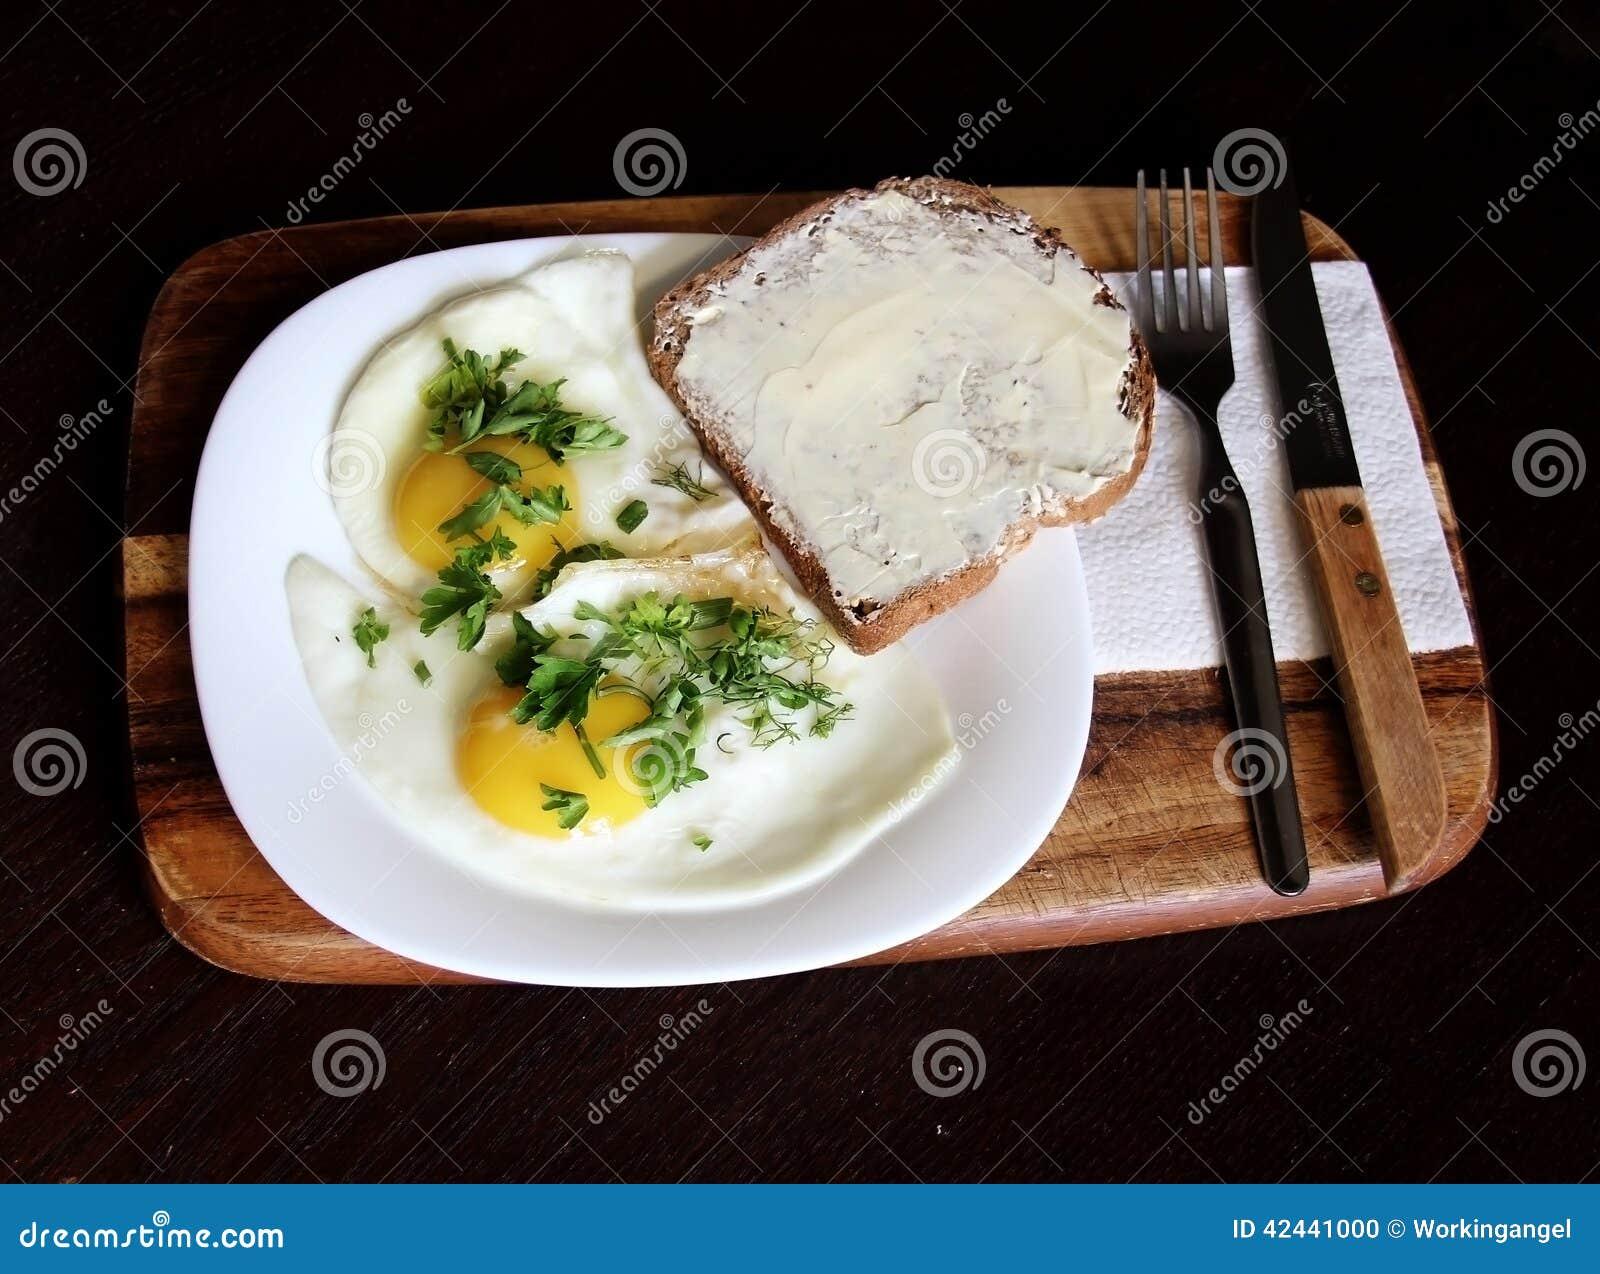 Dos huevos fritos con pan y mantequilla y perejil cortado